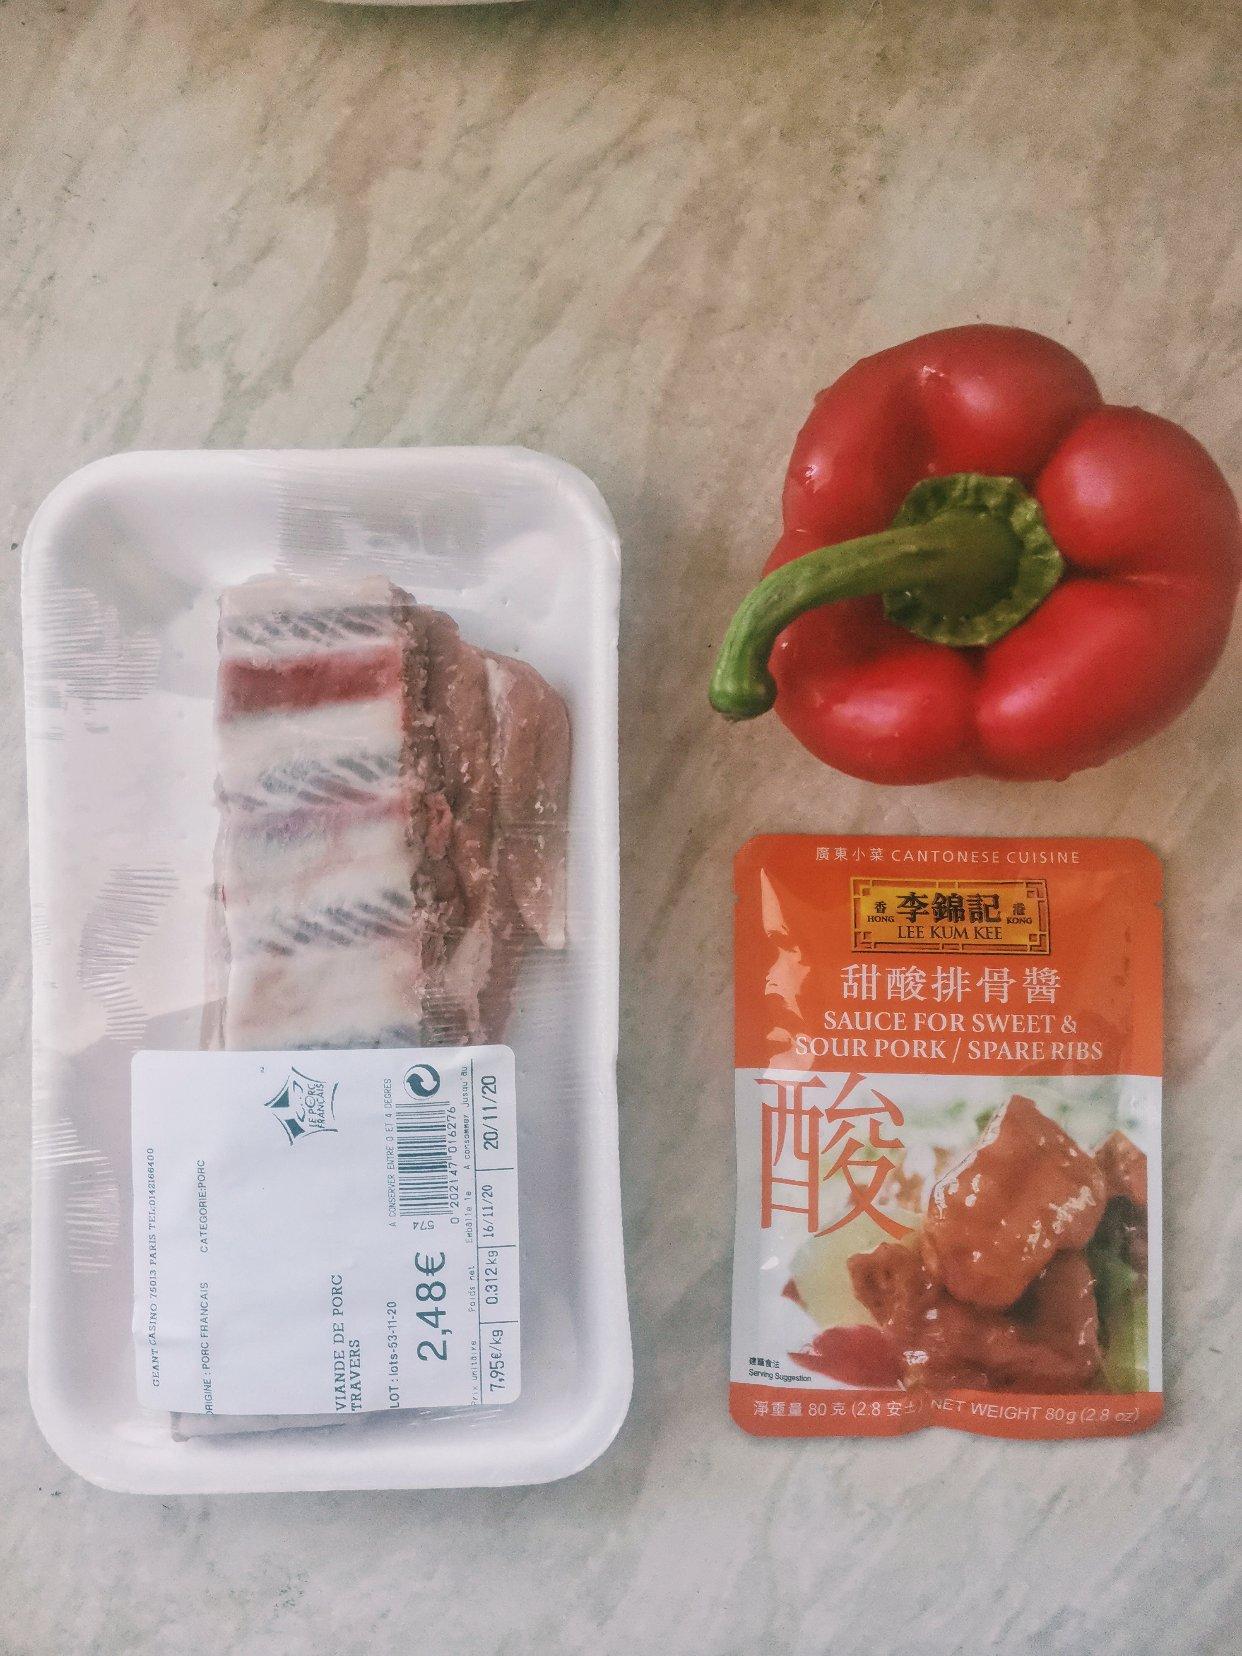 李锦记-酸甜排骨酱绝绝子